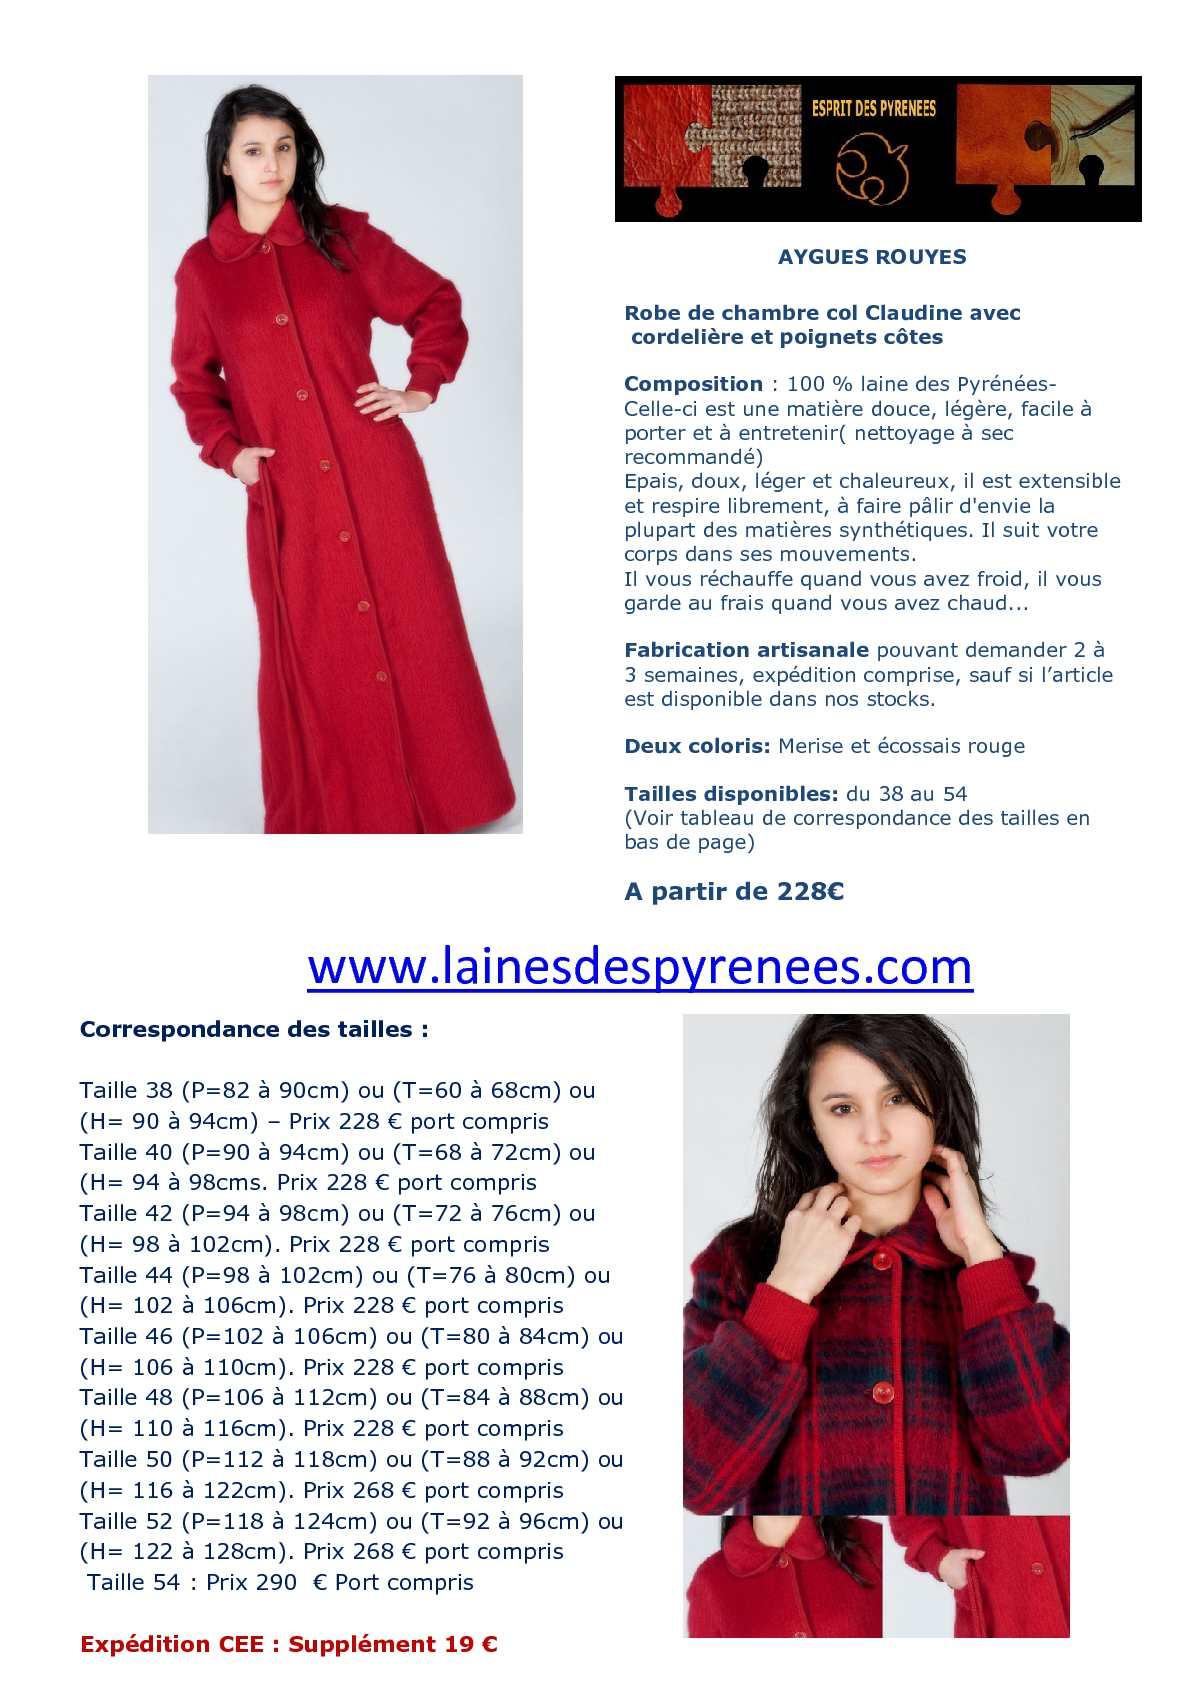 Calam o robe de chambre en laine des pyr n es pour femme - Robe de chambre en laine des pyrenees ...